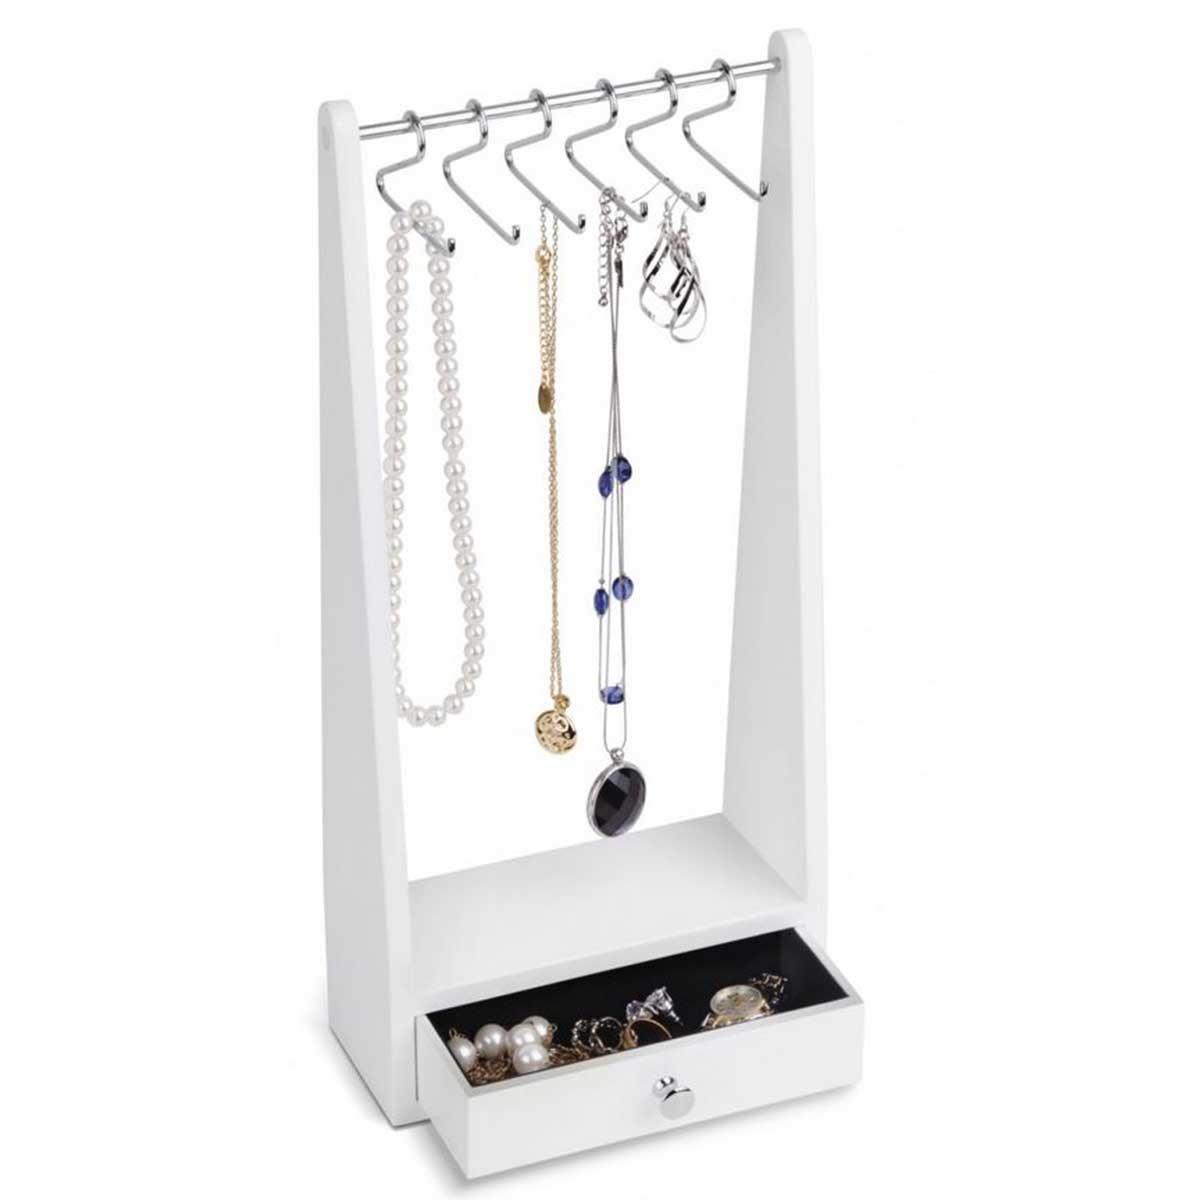 Szykowny stojak na biżuterię